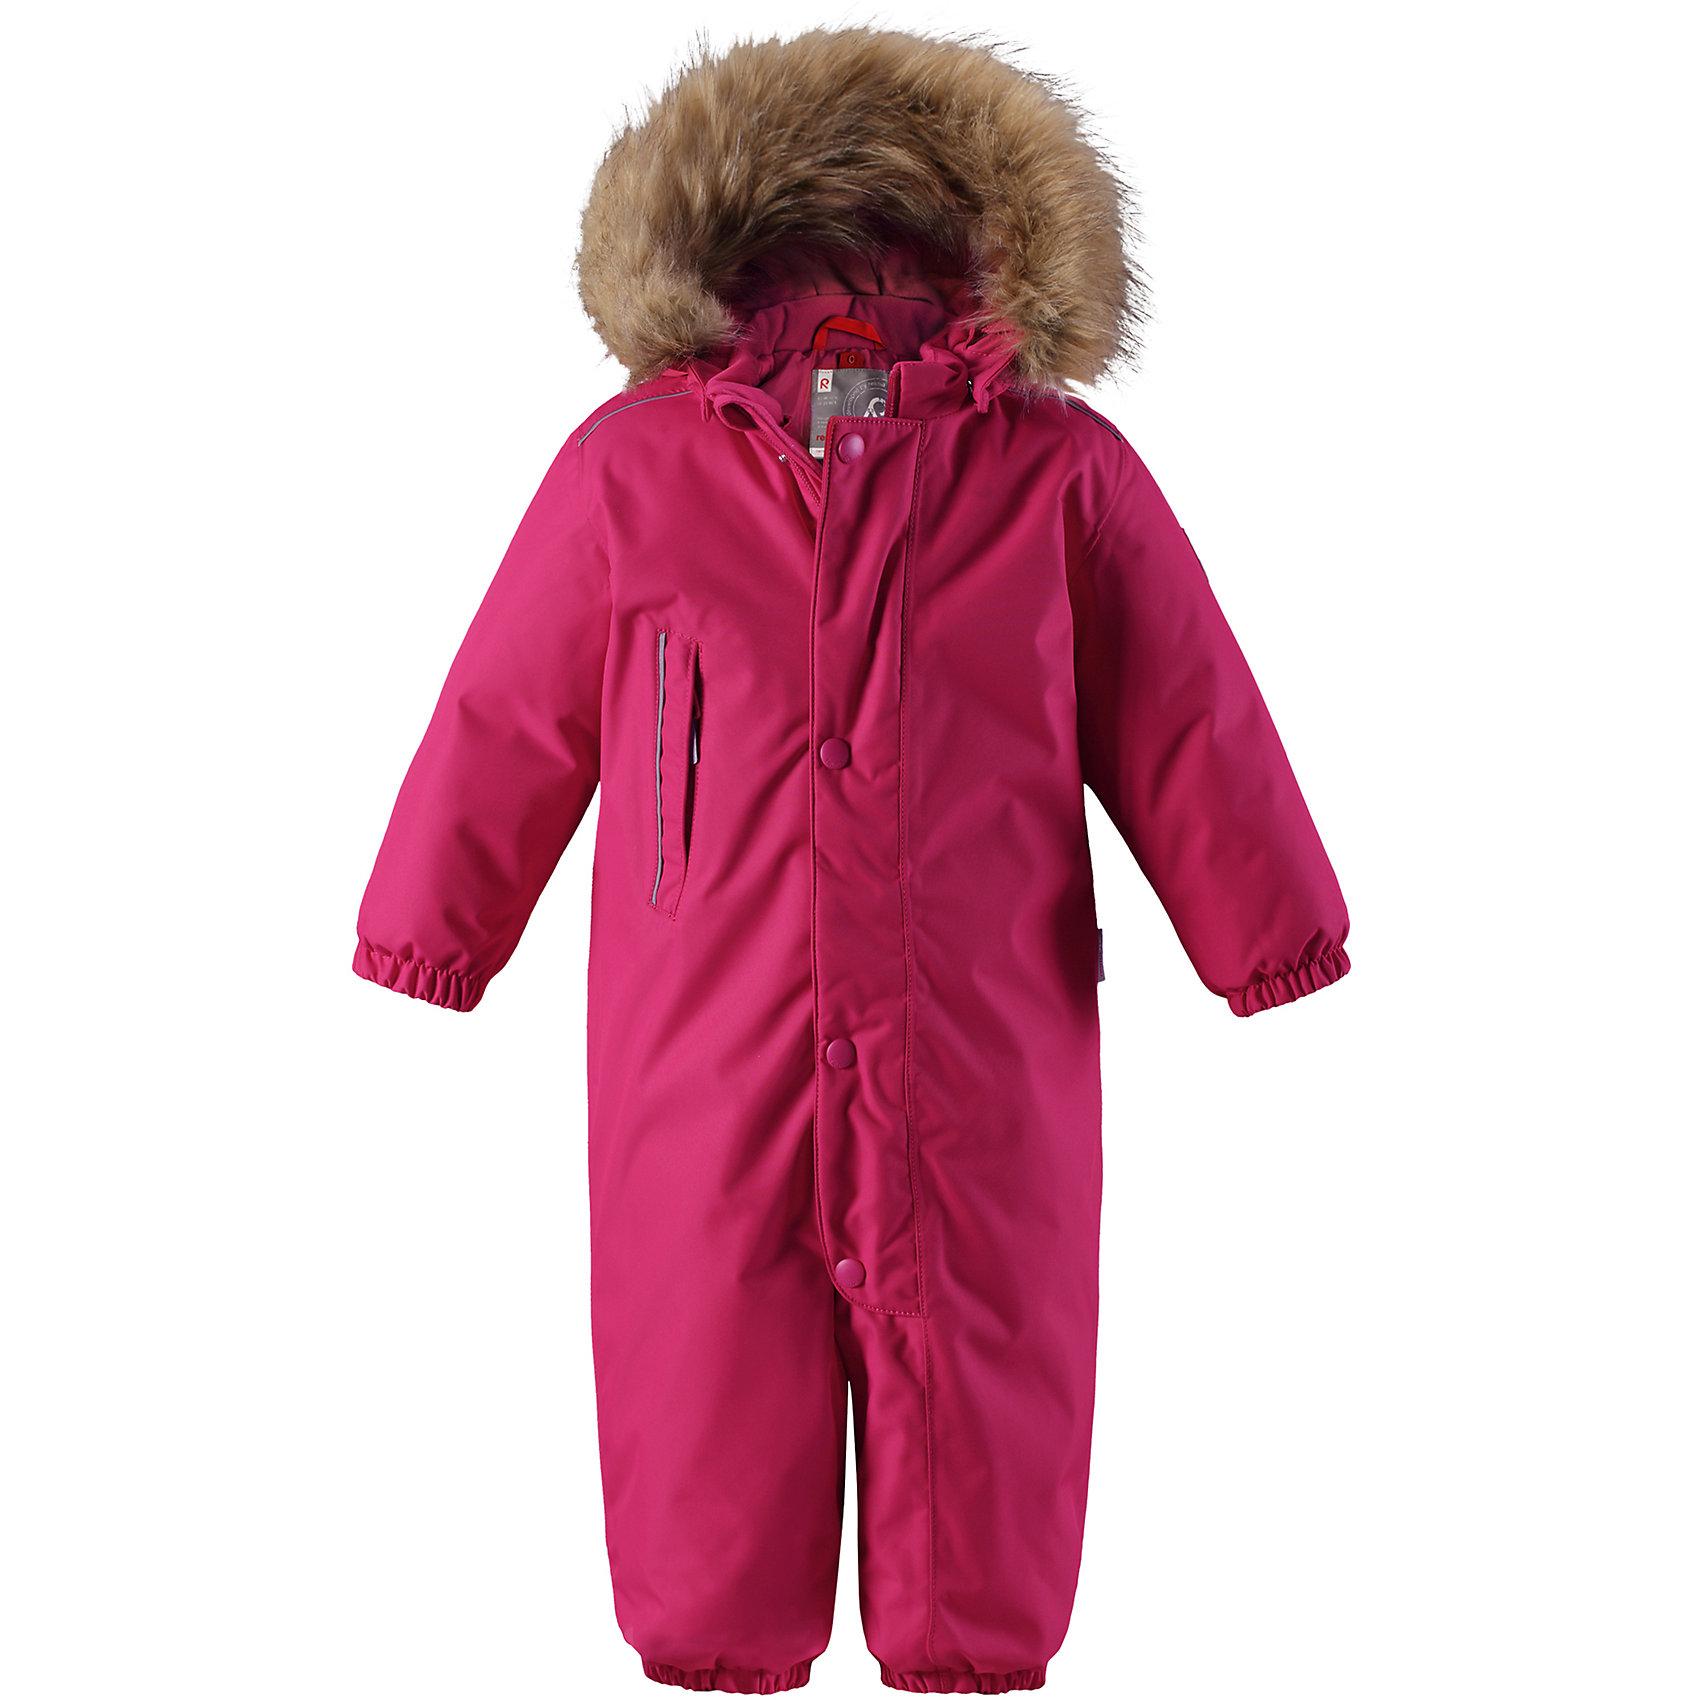 Комбинезон Reima Reimatec® GotlandВерхняя одежда<br>Характеристики товара:<br><br>• цвет: розовый <br>• состав: 100% полиэстер<br>• утеплитель: 100% полиэстер, 160 г/м2 (soft loft insulation)<br>• сезон: зима<br>• температурный режим: от 0 до -20С<br>• водонепроницаемость: 15000 мм<br>• воздухопроницаемость: 7000 мм<br>• износостойкость: 40000 циклов (тест Мартиндейла)<br>• особенности модели: однотонный, с мехом<br>• основные швы проклеены и не пропускают влагу<br>• водо- и ветронепроницаемый, дышащий и грязеотталкивающий материал<br>• утепленная задняя часть изделия<br>• гладкая подкладка из полиэстера<br>• безопасный, съемный капюшон на кнопках<br>• съемный искусственный мех на капюшоне<br>• защита подбородка от защемления<br>• эластичные манжеты и штанины<br>• эластичная талия<br>• съемные эластичные штрипки <br>• длинная молния для легкого надевания<br>• дополнительная планка на кнопках<br>• карман на молнии<br>• светоотражающие детали<br>• система кнопок Play Layers®<br>• страна бренда: Финляндия<br>• страна изготовитель: Китай<br><br>Классический зимний комбинезон на молнии для малышей очень прост в уходе и идеально подходит для всех зимних забав. Этот непромокаемый зимний комбинезон изготовлен из дышащего и ветронепроницаемого, а также водо и грязеотталкивающего материала.<br><br>Все швы проклеены, водонепроницаемы, а еще комбинезон снабжен утепленной вставкой на задней части, благодаря которой ребенку будет тепло и сухо во время зимних приключений. Благодаря гладкой подкладке из полиэстера, зимний комбинезон с капюшоном очень легко надевать и удобно носить с теплой одеждой промежуточного слоя. <br><br>Обратите внимание, что с помощью удобной системы кнопок Play Layers® к комбинезону можно присоединять разнообразную одежду промежуточного слоя Reima®. Съемный регулируемый капюшон обеспечивает дополнительную безопасность во время игр на свежем воздухе. <br><br>Кнопки легко отстегиваются, если капюшон случайно за что-нибудь зацепится. Прочные силиконовые штрипк